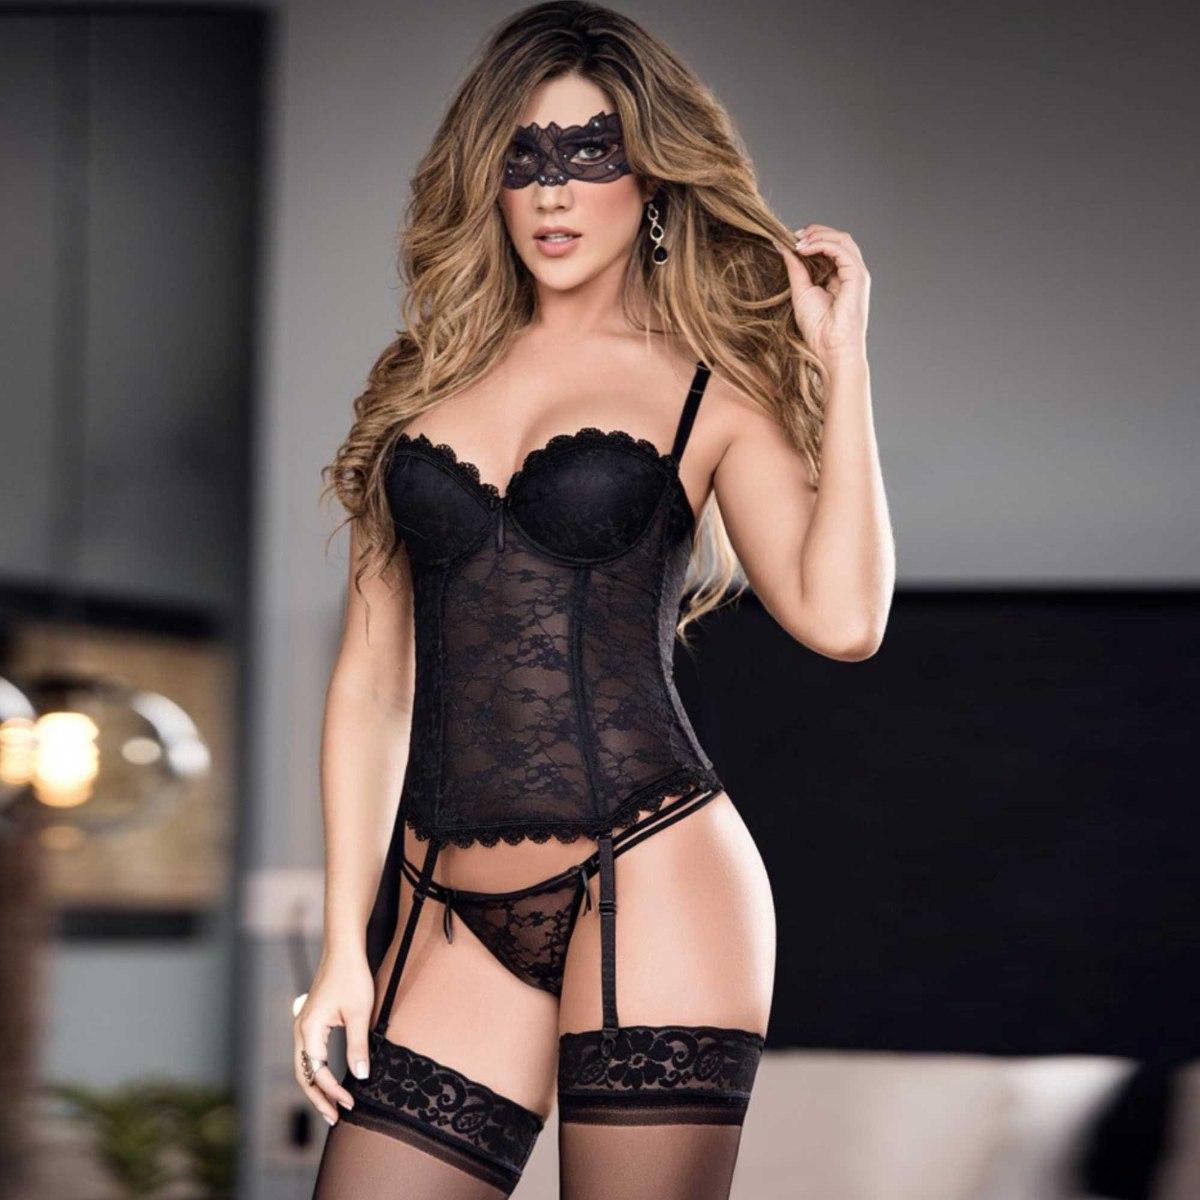 Corset + Medias Silicona Mujer Lenceria Sexy Babydoll -   109.900 en  Mercado Libre 30d964ad80bb